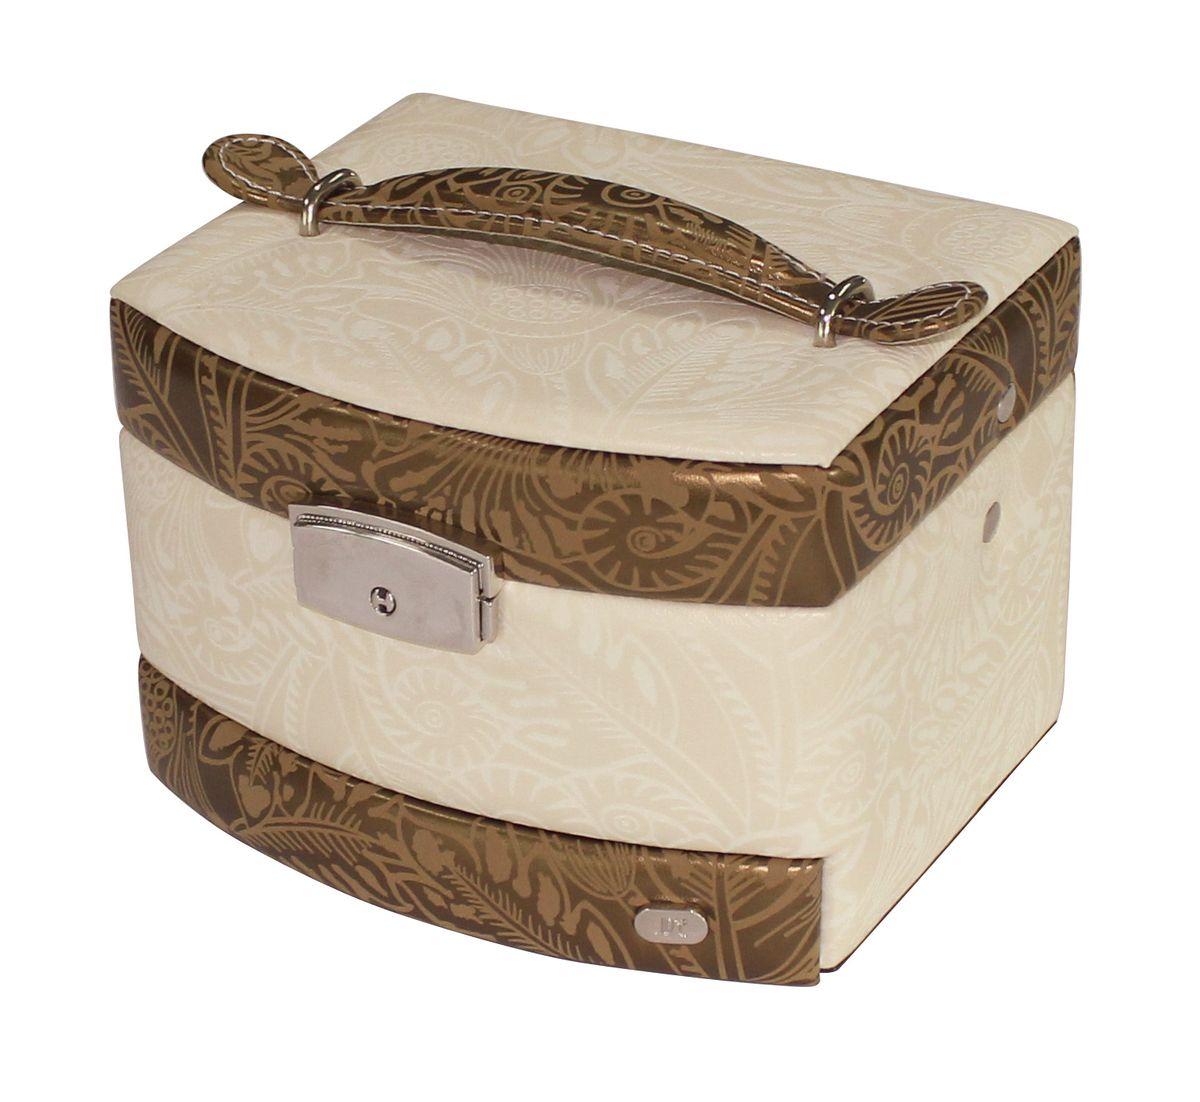 Шкатулка для украшений Jardin DEte, мини, цвет: белый, золотой. WG003JWG003JОдним из необходимых аксессуаров на туалетном столике любой женщины являются шкатулки для украшений. Шкатулки JARDIN DETE — идеальны для хранения драгоценностей, а также других мелких вещей .Современные формы, дизайн, отделка, разнообразие цветовых решений не оставят равнодушной ни одну модницу. Коллекция шкатулок для ювелирных украшений включает в себя более двадцати моделей, представленных в различных цветовых решениях. Особенности: 2 отделения (5 секций, держатели для колец), выдвижной ящичек, зеркало.